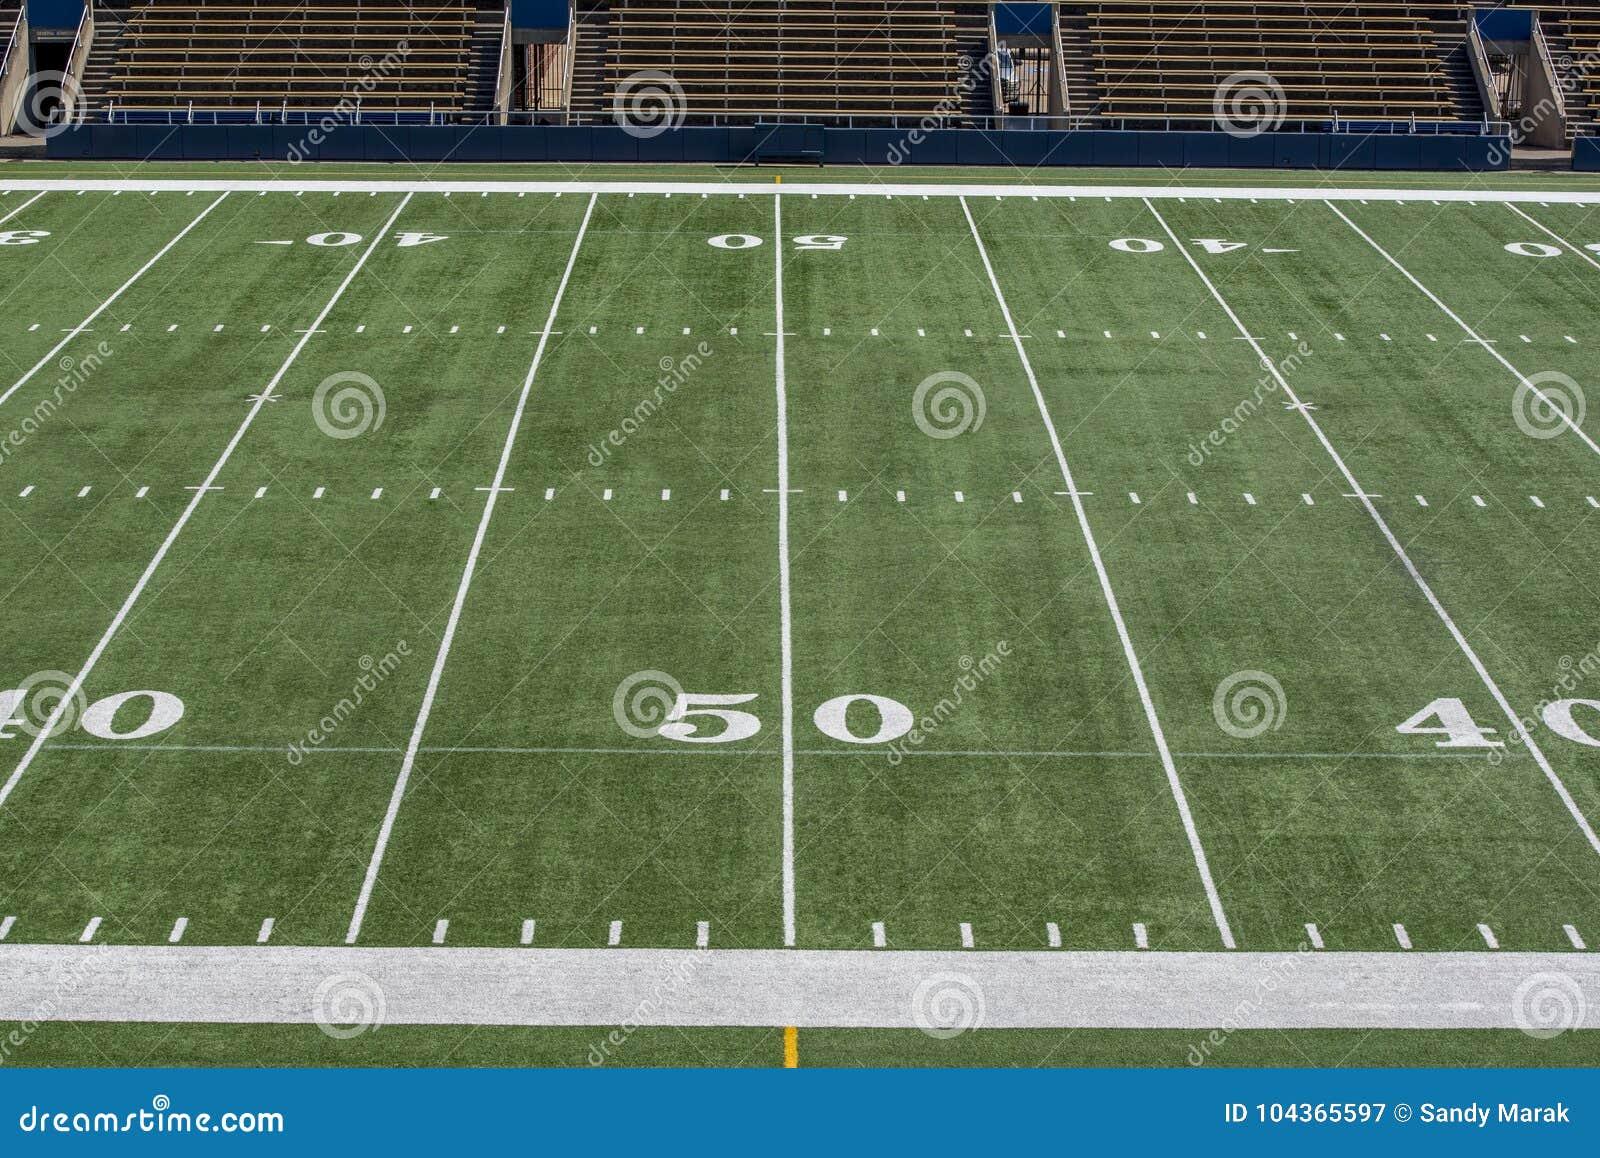 Amerikanischer Fußballplatz mit Yard-Line 50